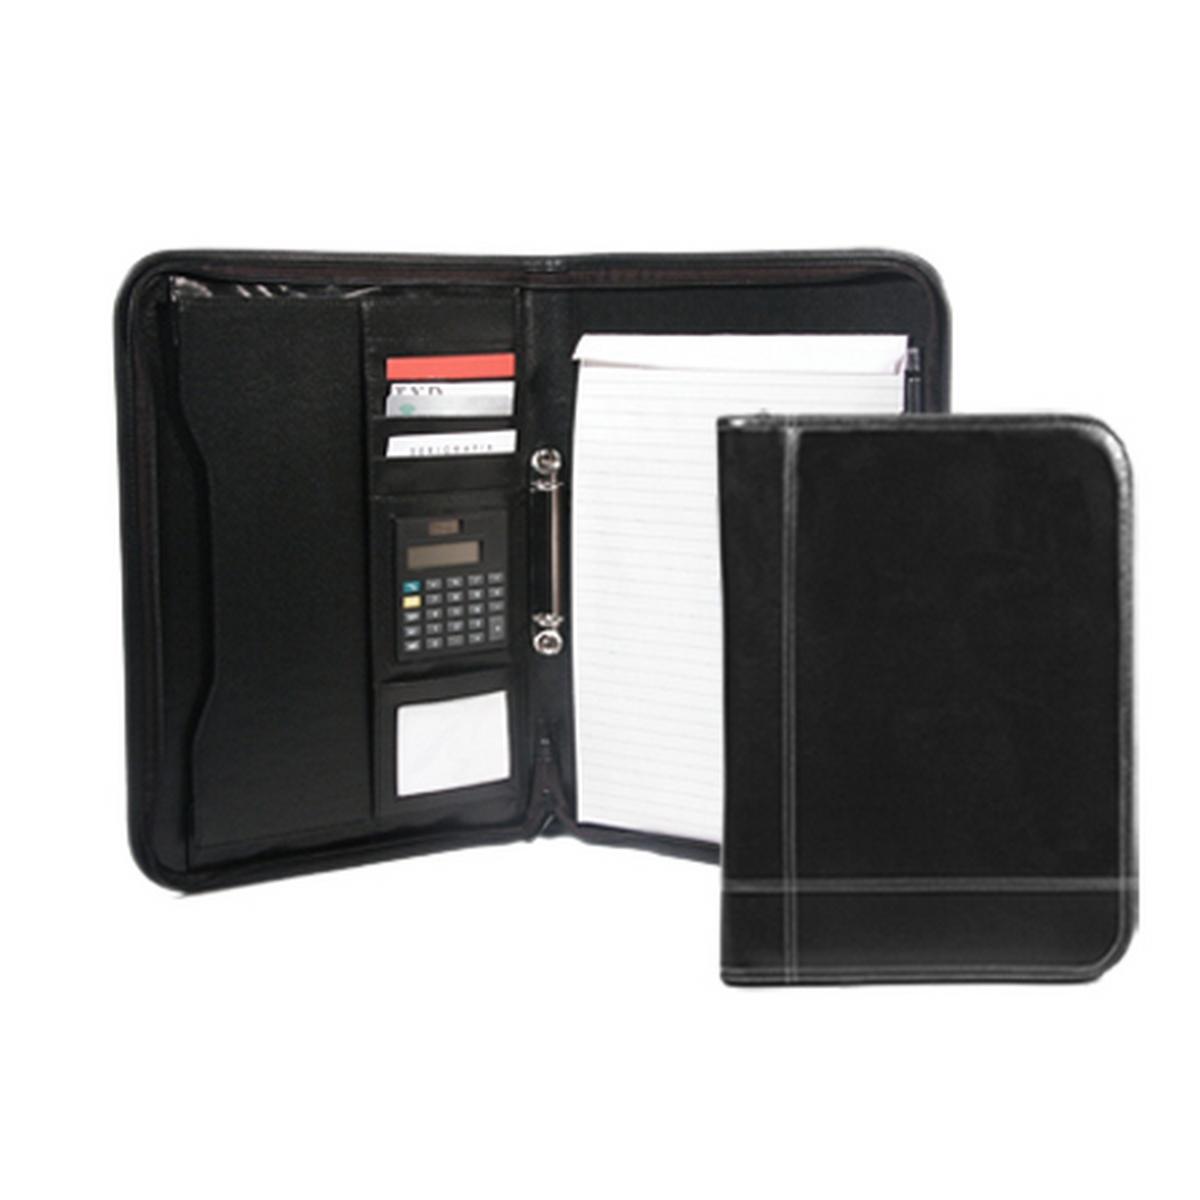 Portfolio K370 Cross Calculator